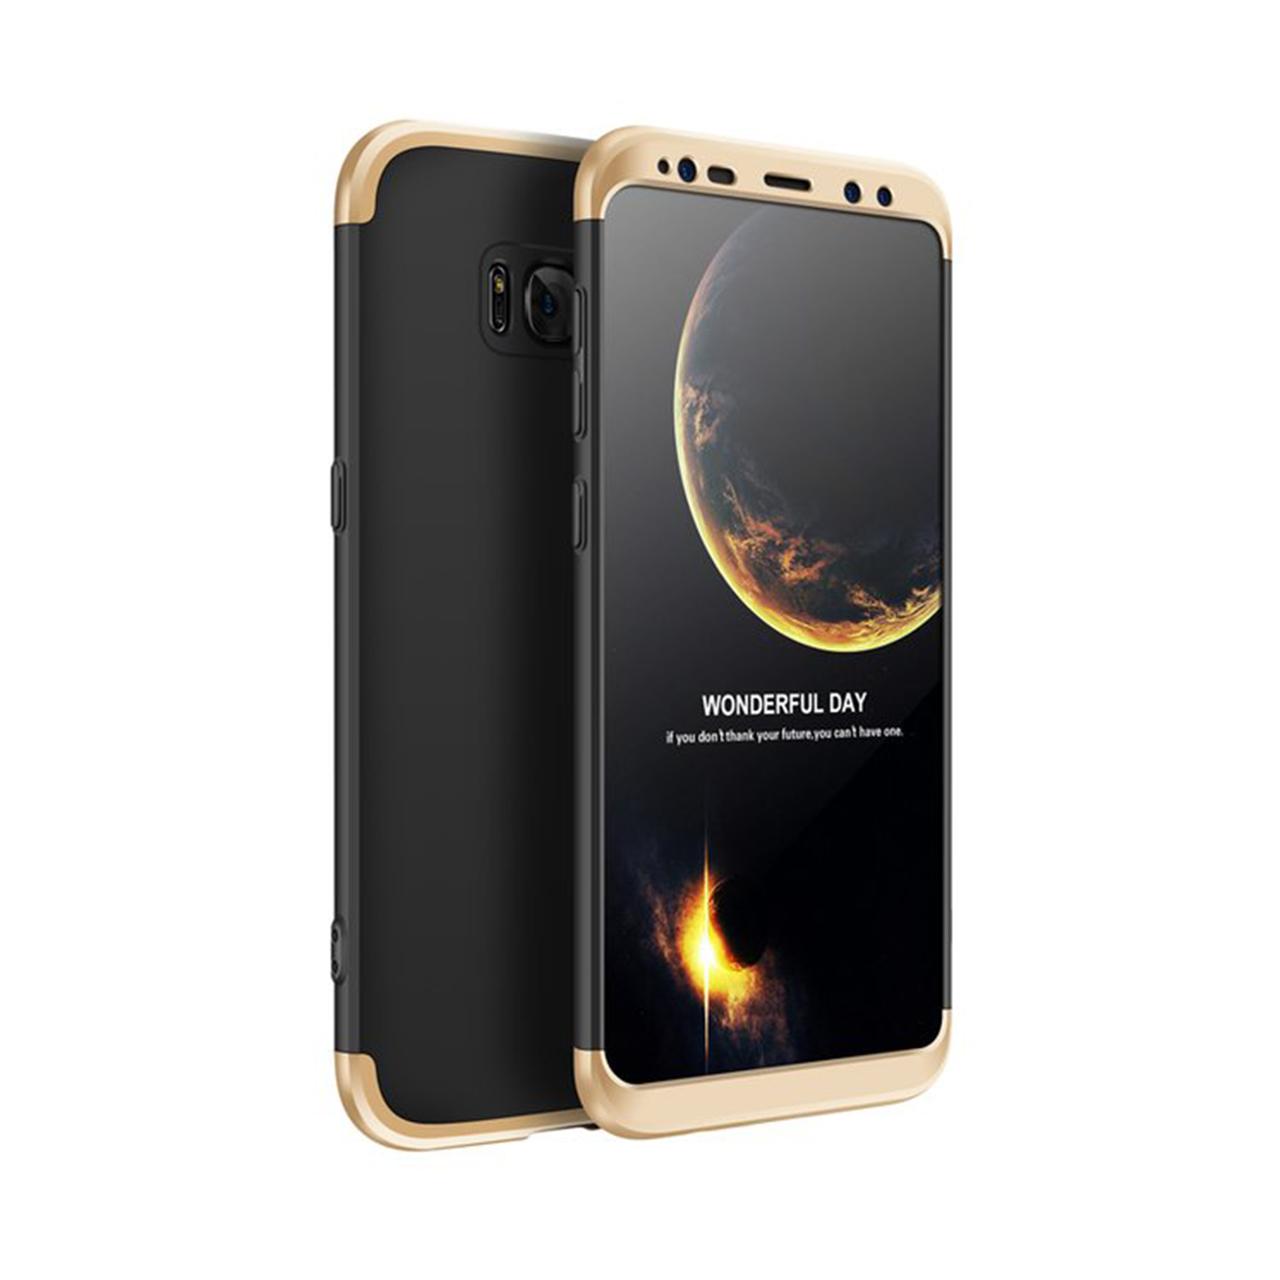 کاور مدل 030G مناسب برای گوشی موبایل سامسونگ Galaxy S8